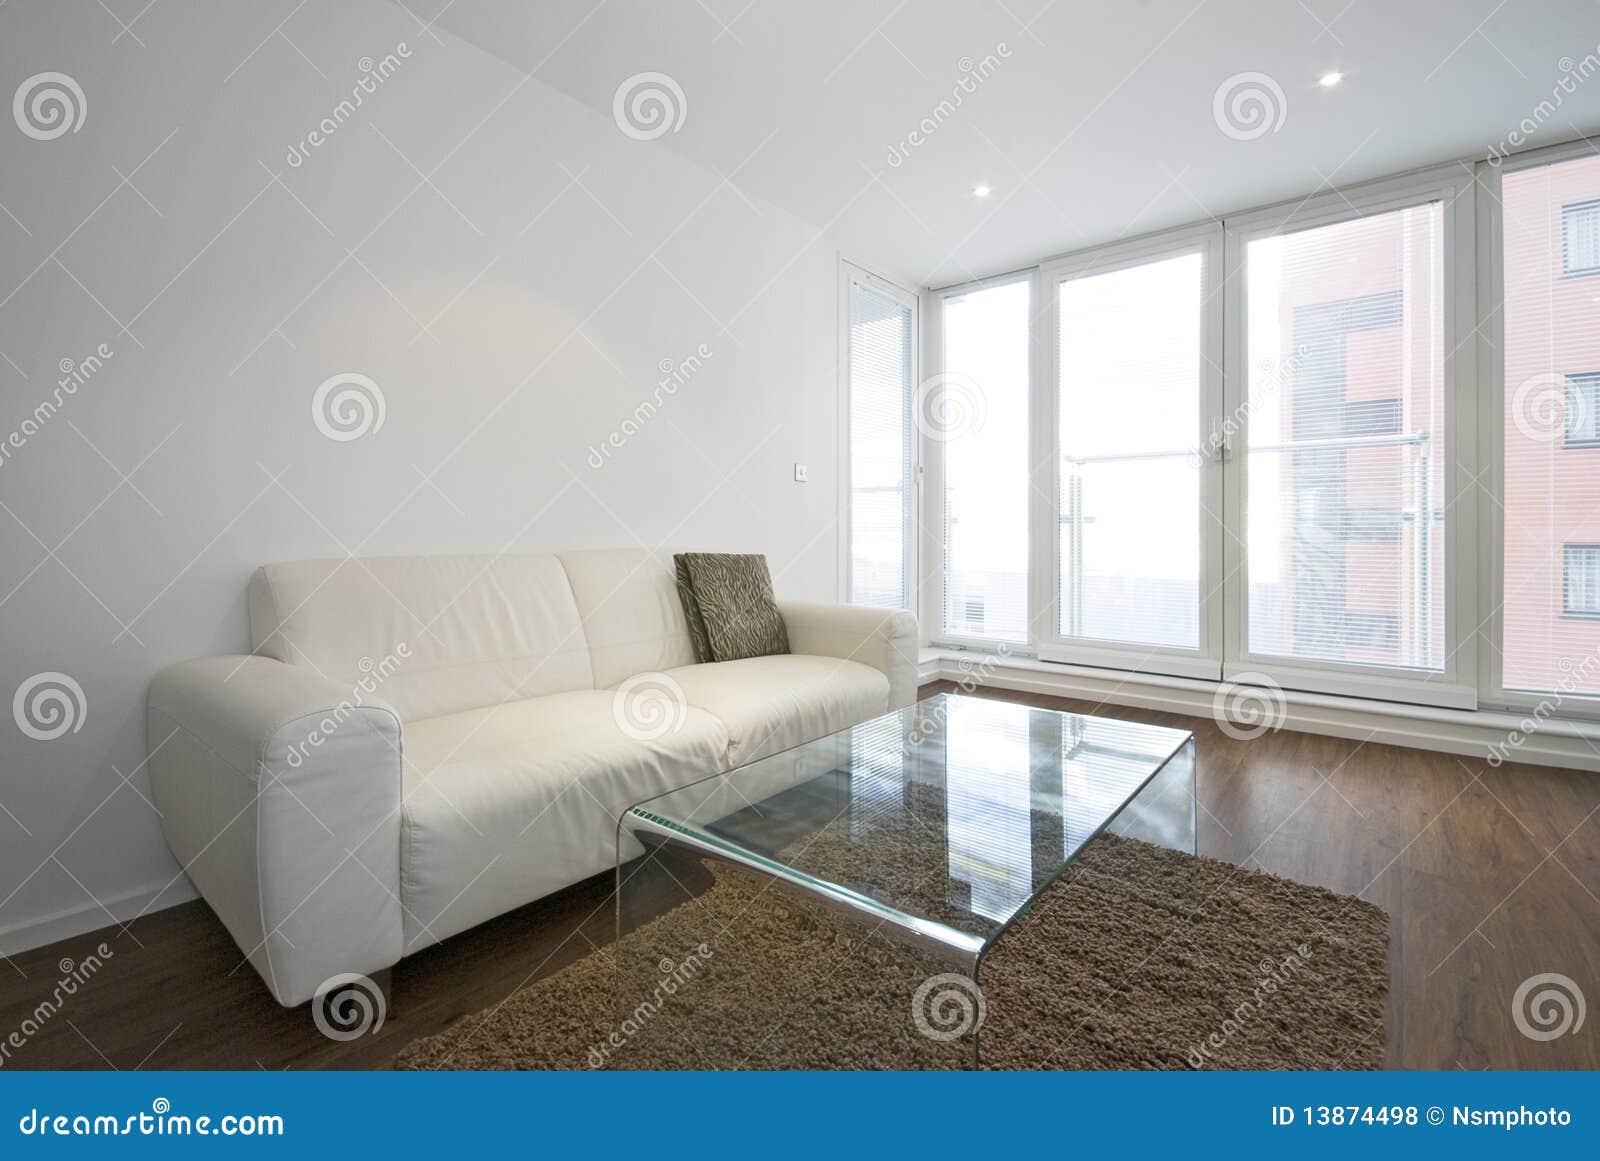 Moderne woonkamer met witte leerbank royalty vrije stock - Deco moderne woonkamer ...